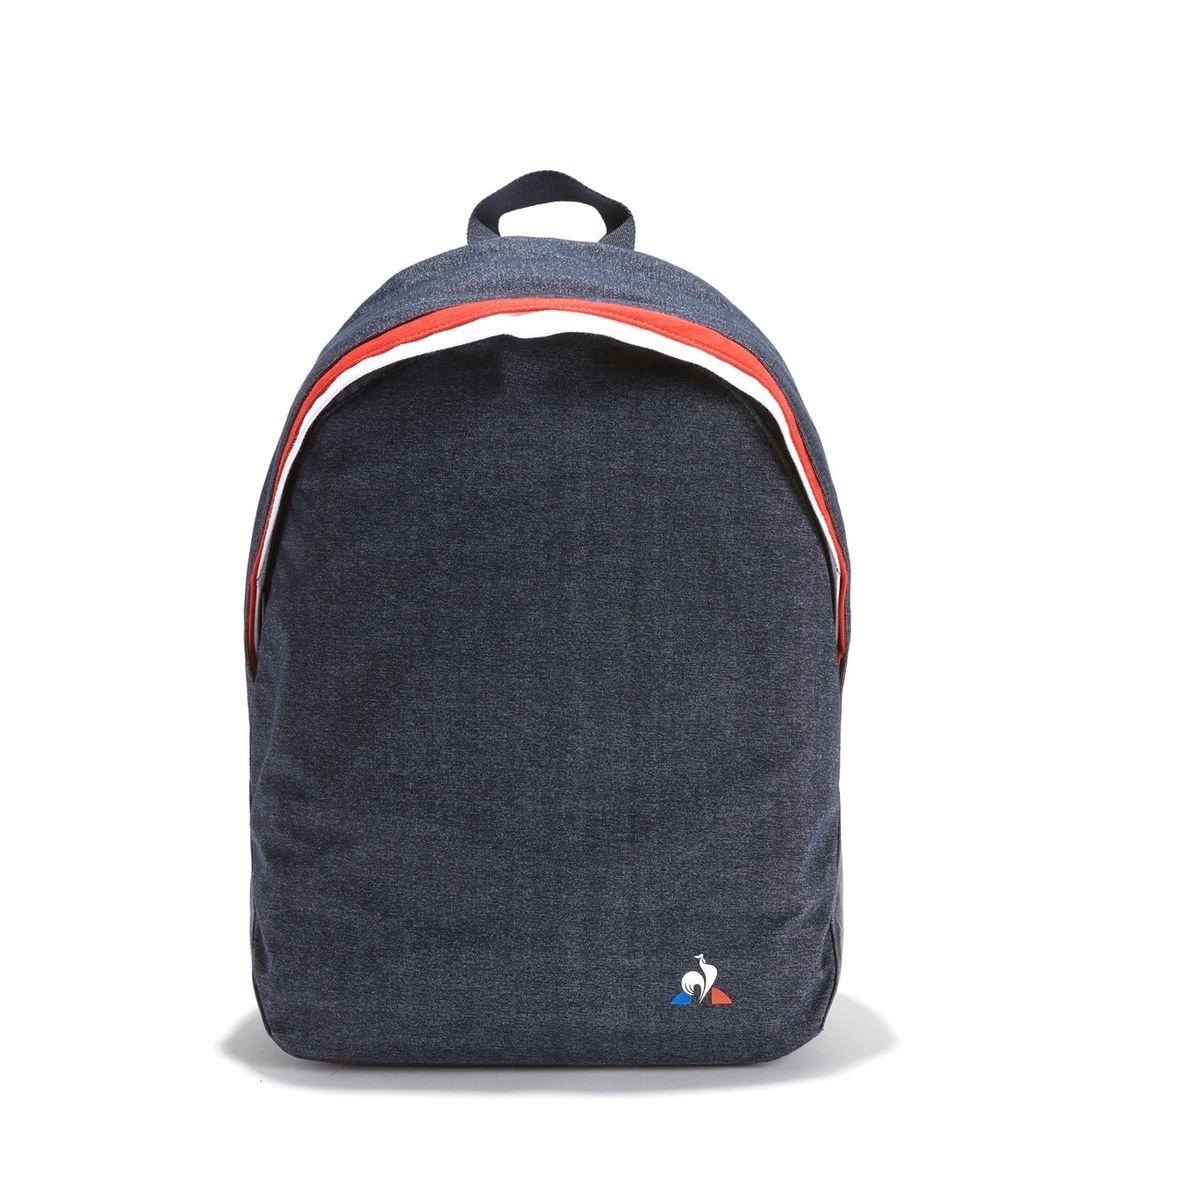 Le Coq Sportif Sac à dos TRI Backpack Sky Capitan - LE COQ SPORTIF